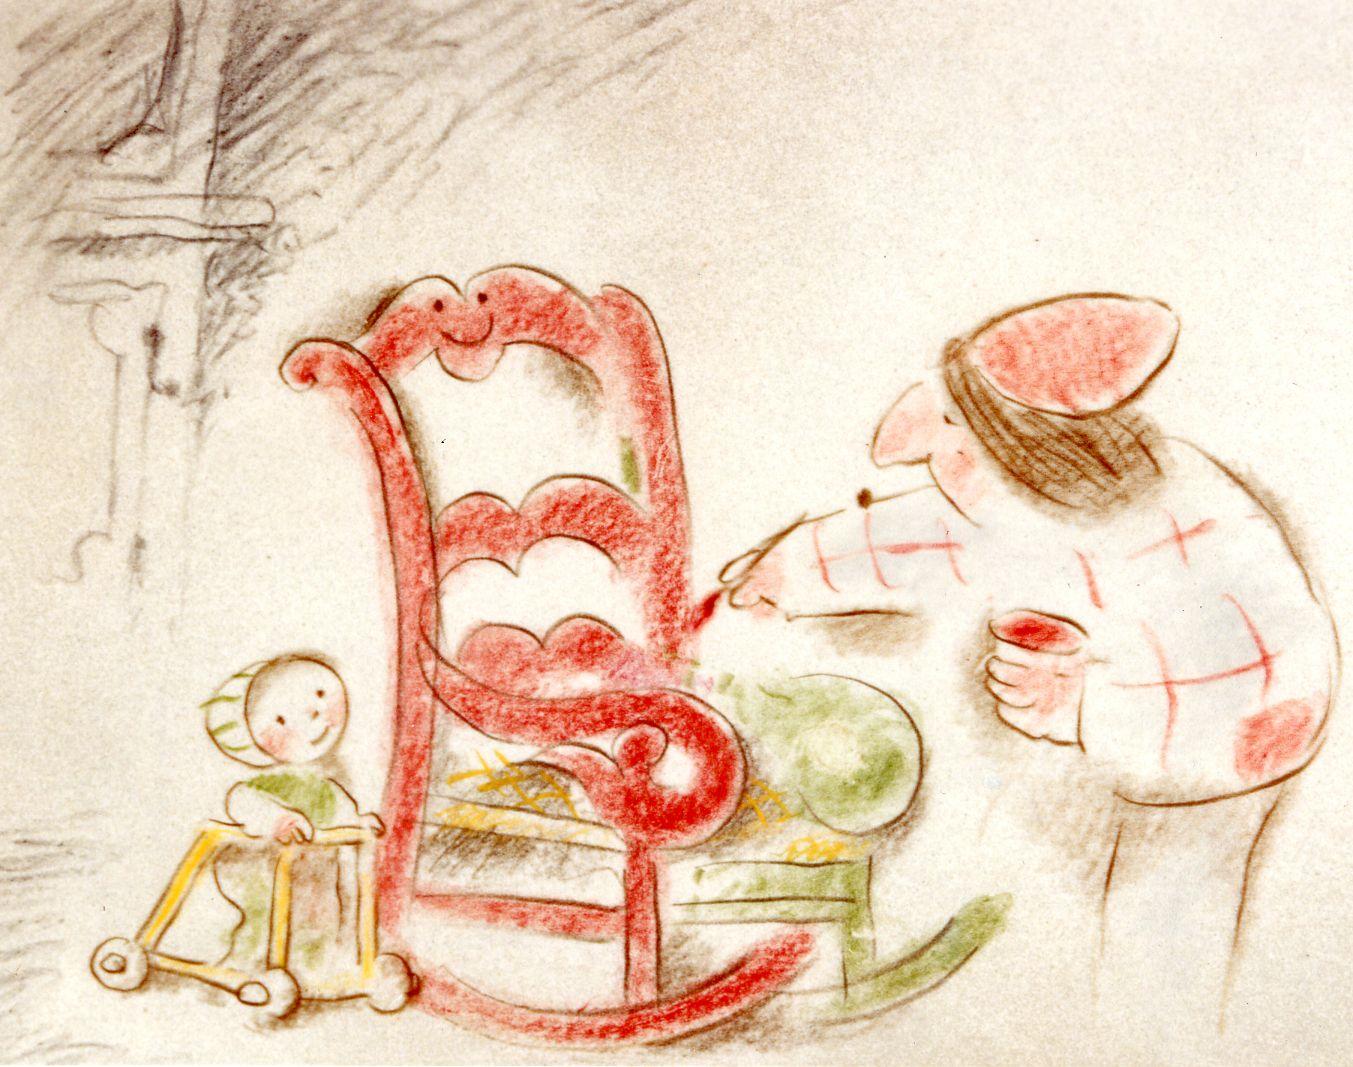 Exposition - Frédéric Back, la célébration de la vie